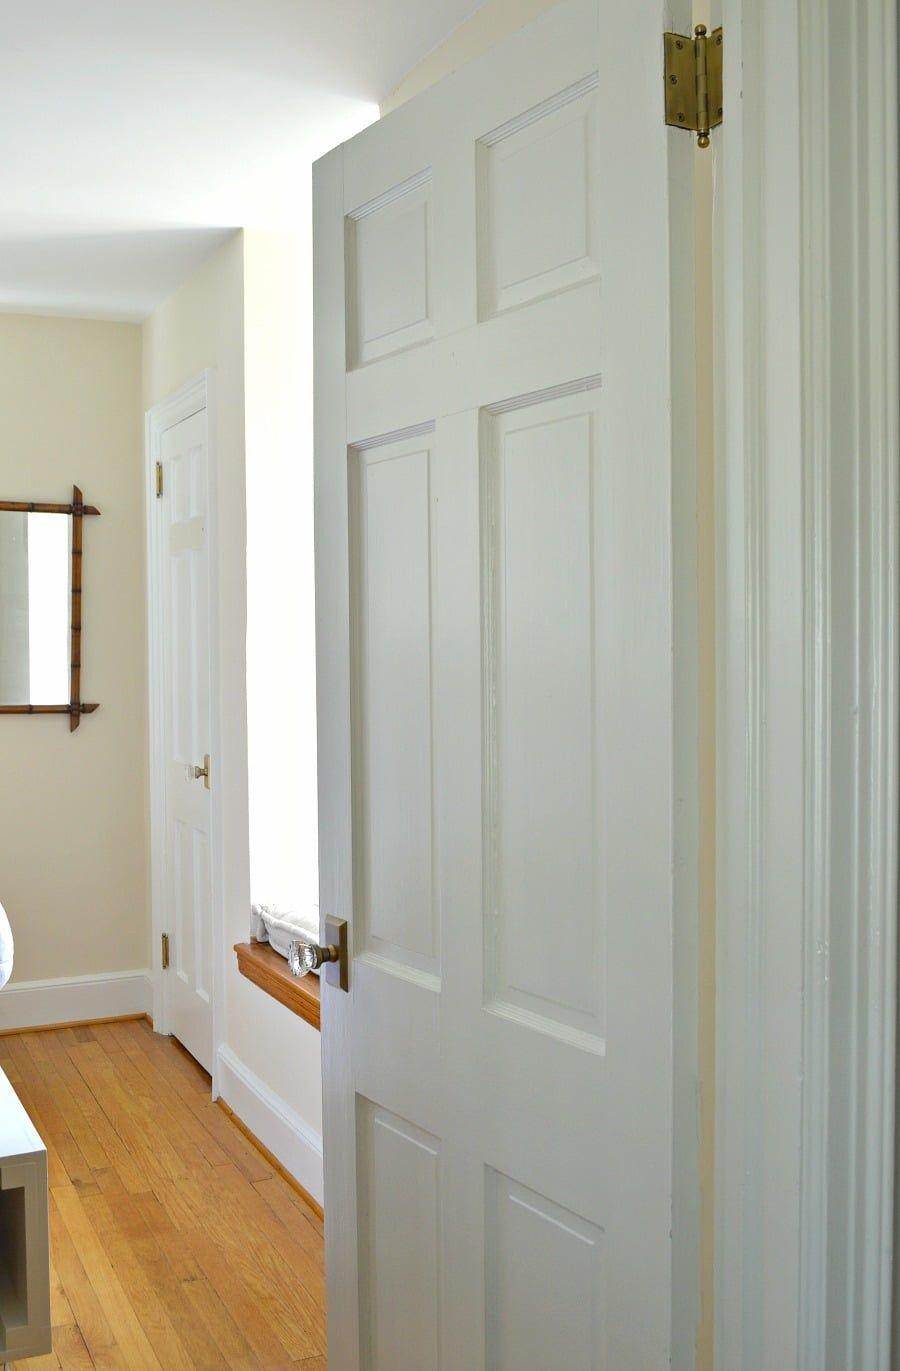 Replacing Old Door Knobs And Hinges U2013 The Best Kept Secret #door #diy  #diyproject